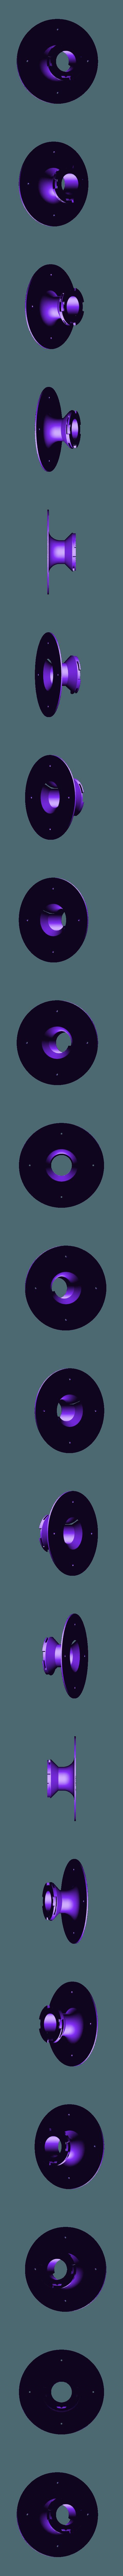 Socket_1.stl Download free STL file Roof Lamp Spiral_1 • 3D printing design, JaimeGR